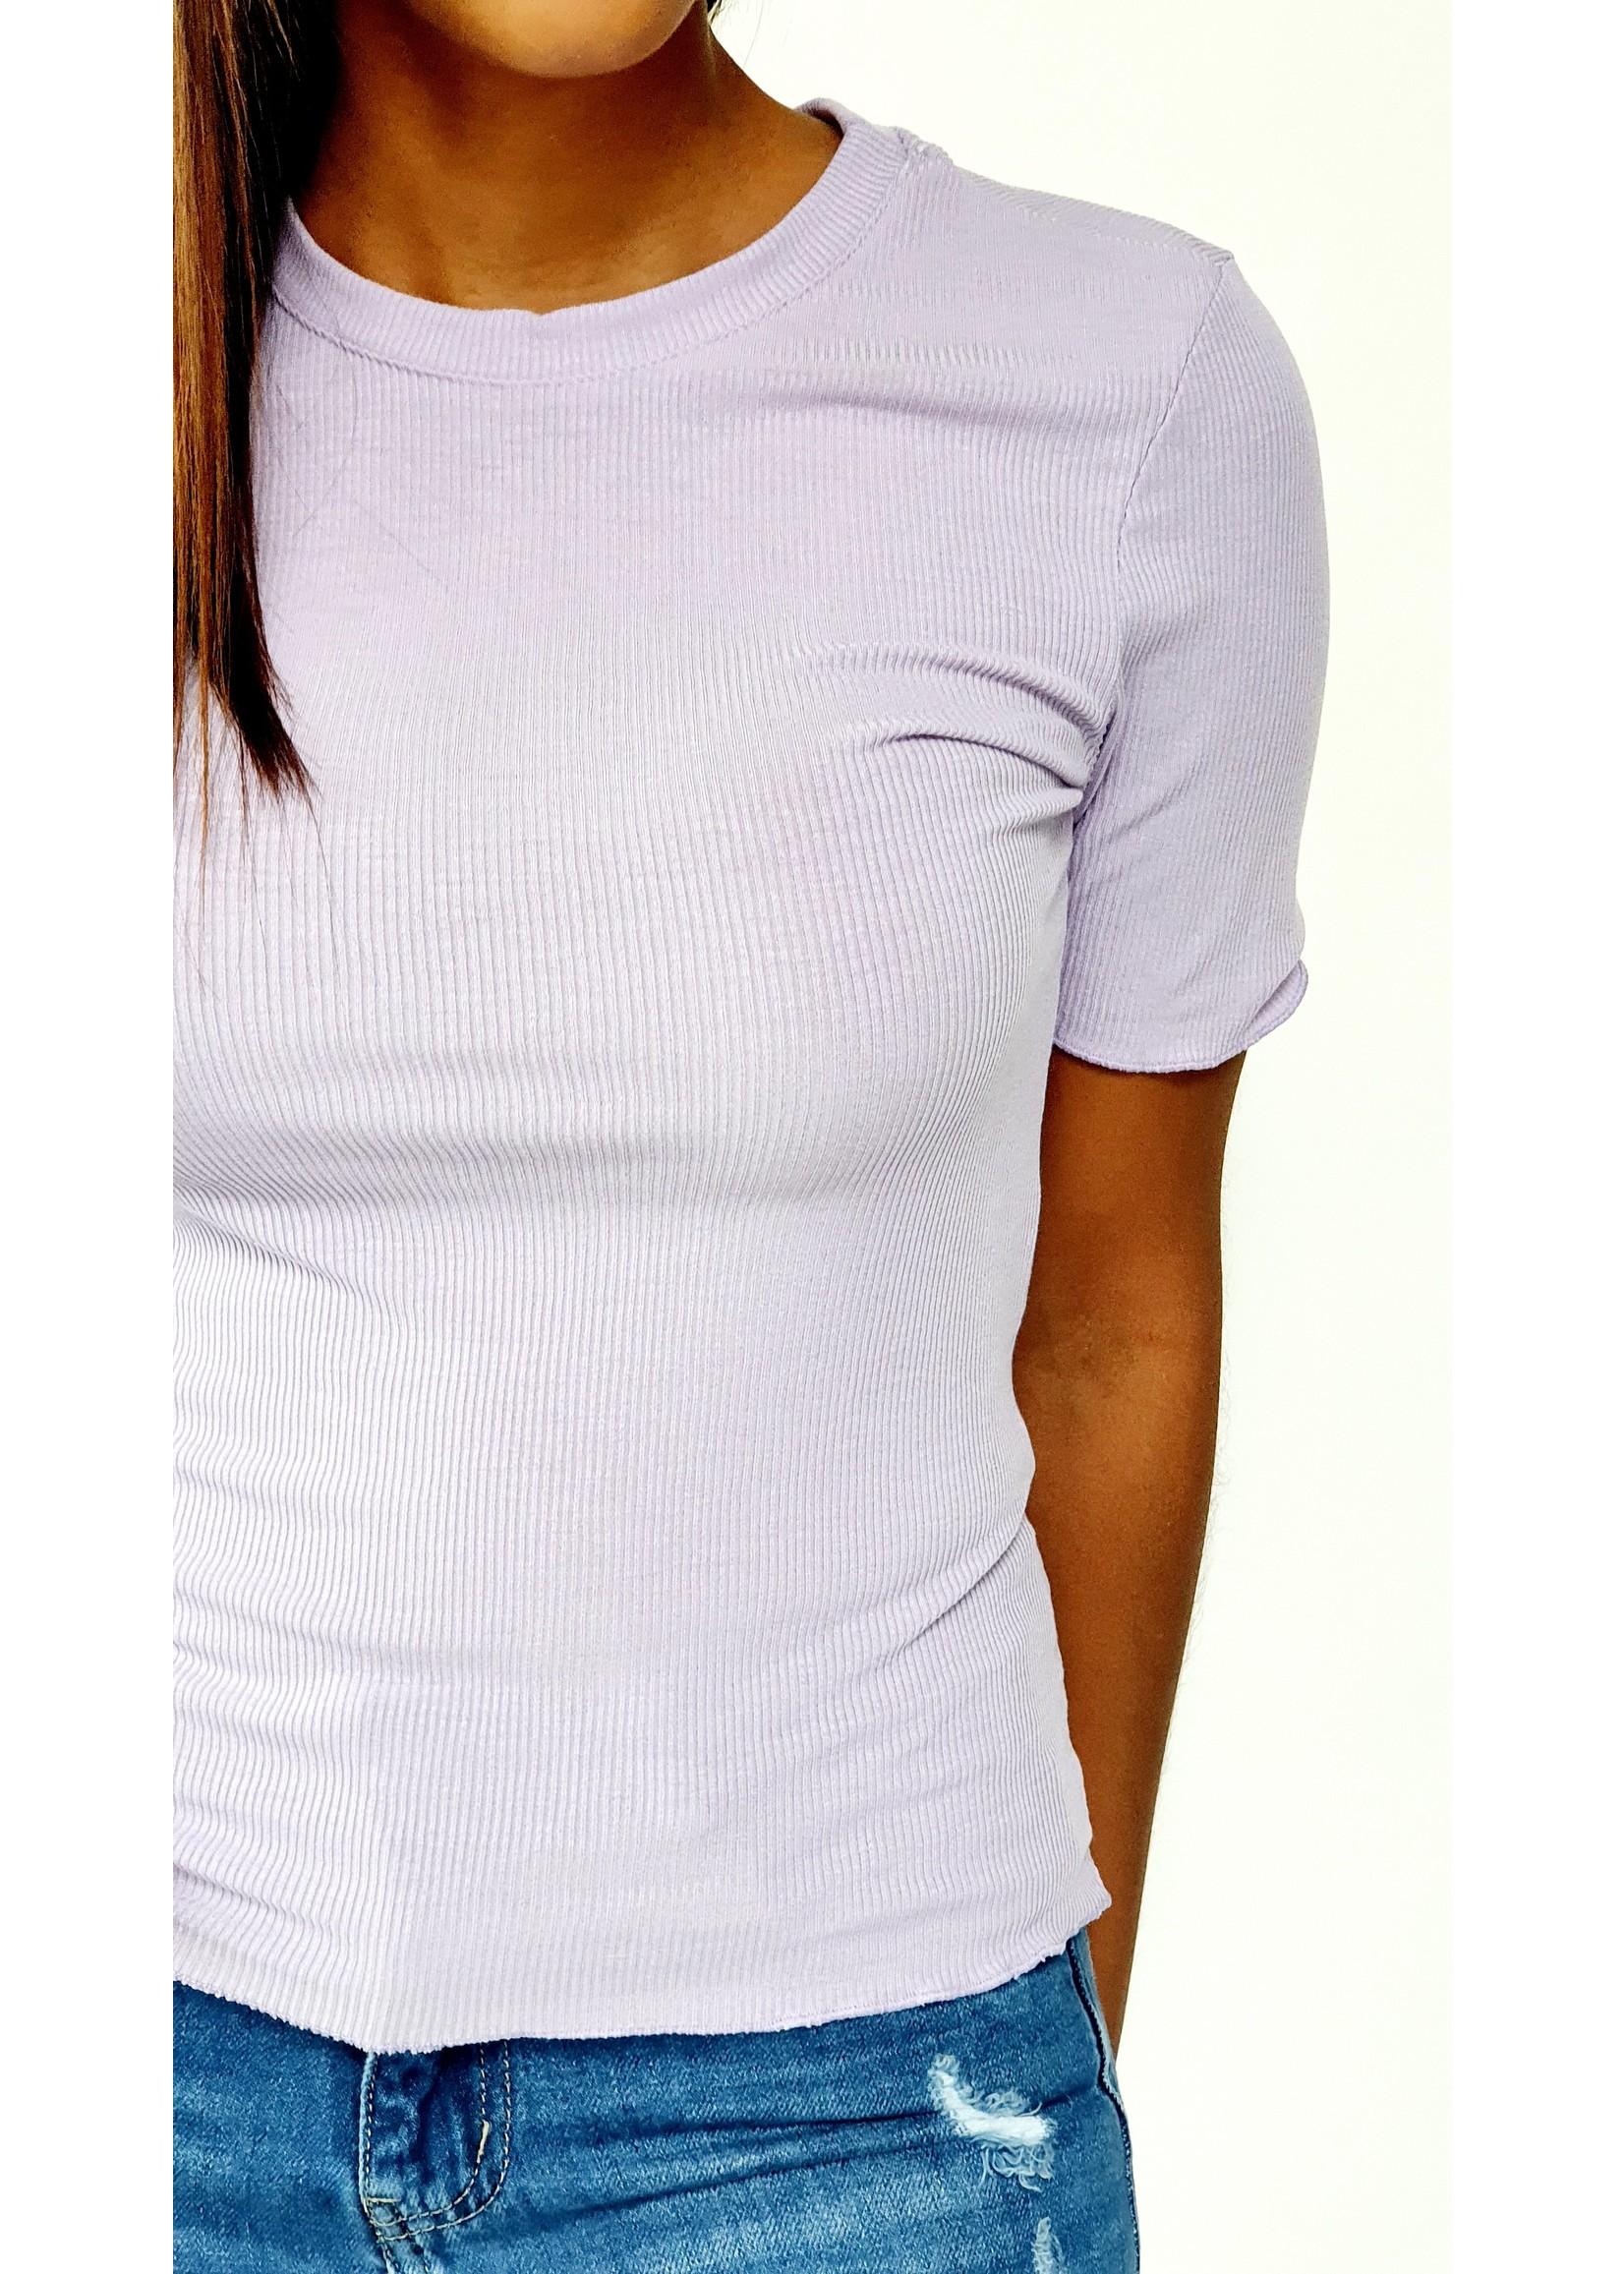 Lilac shirt